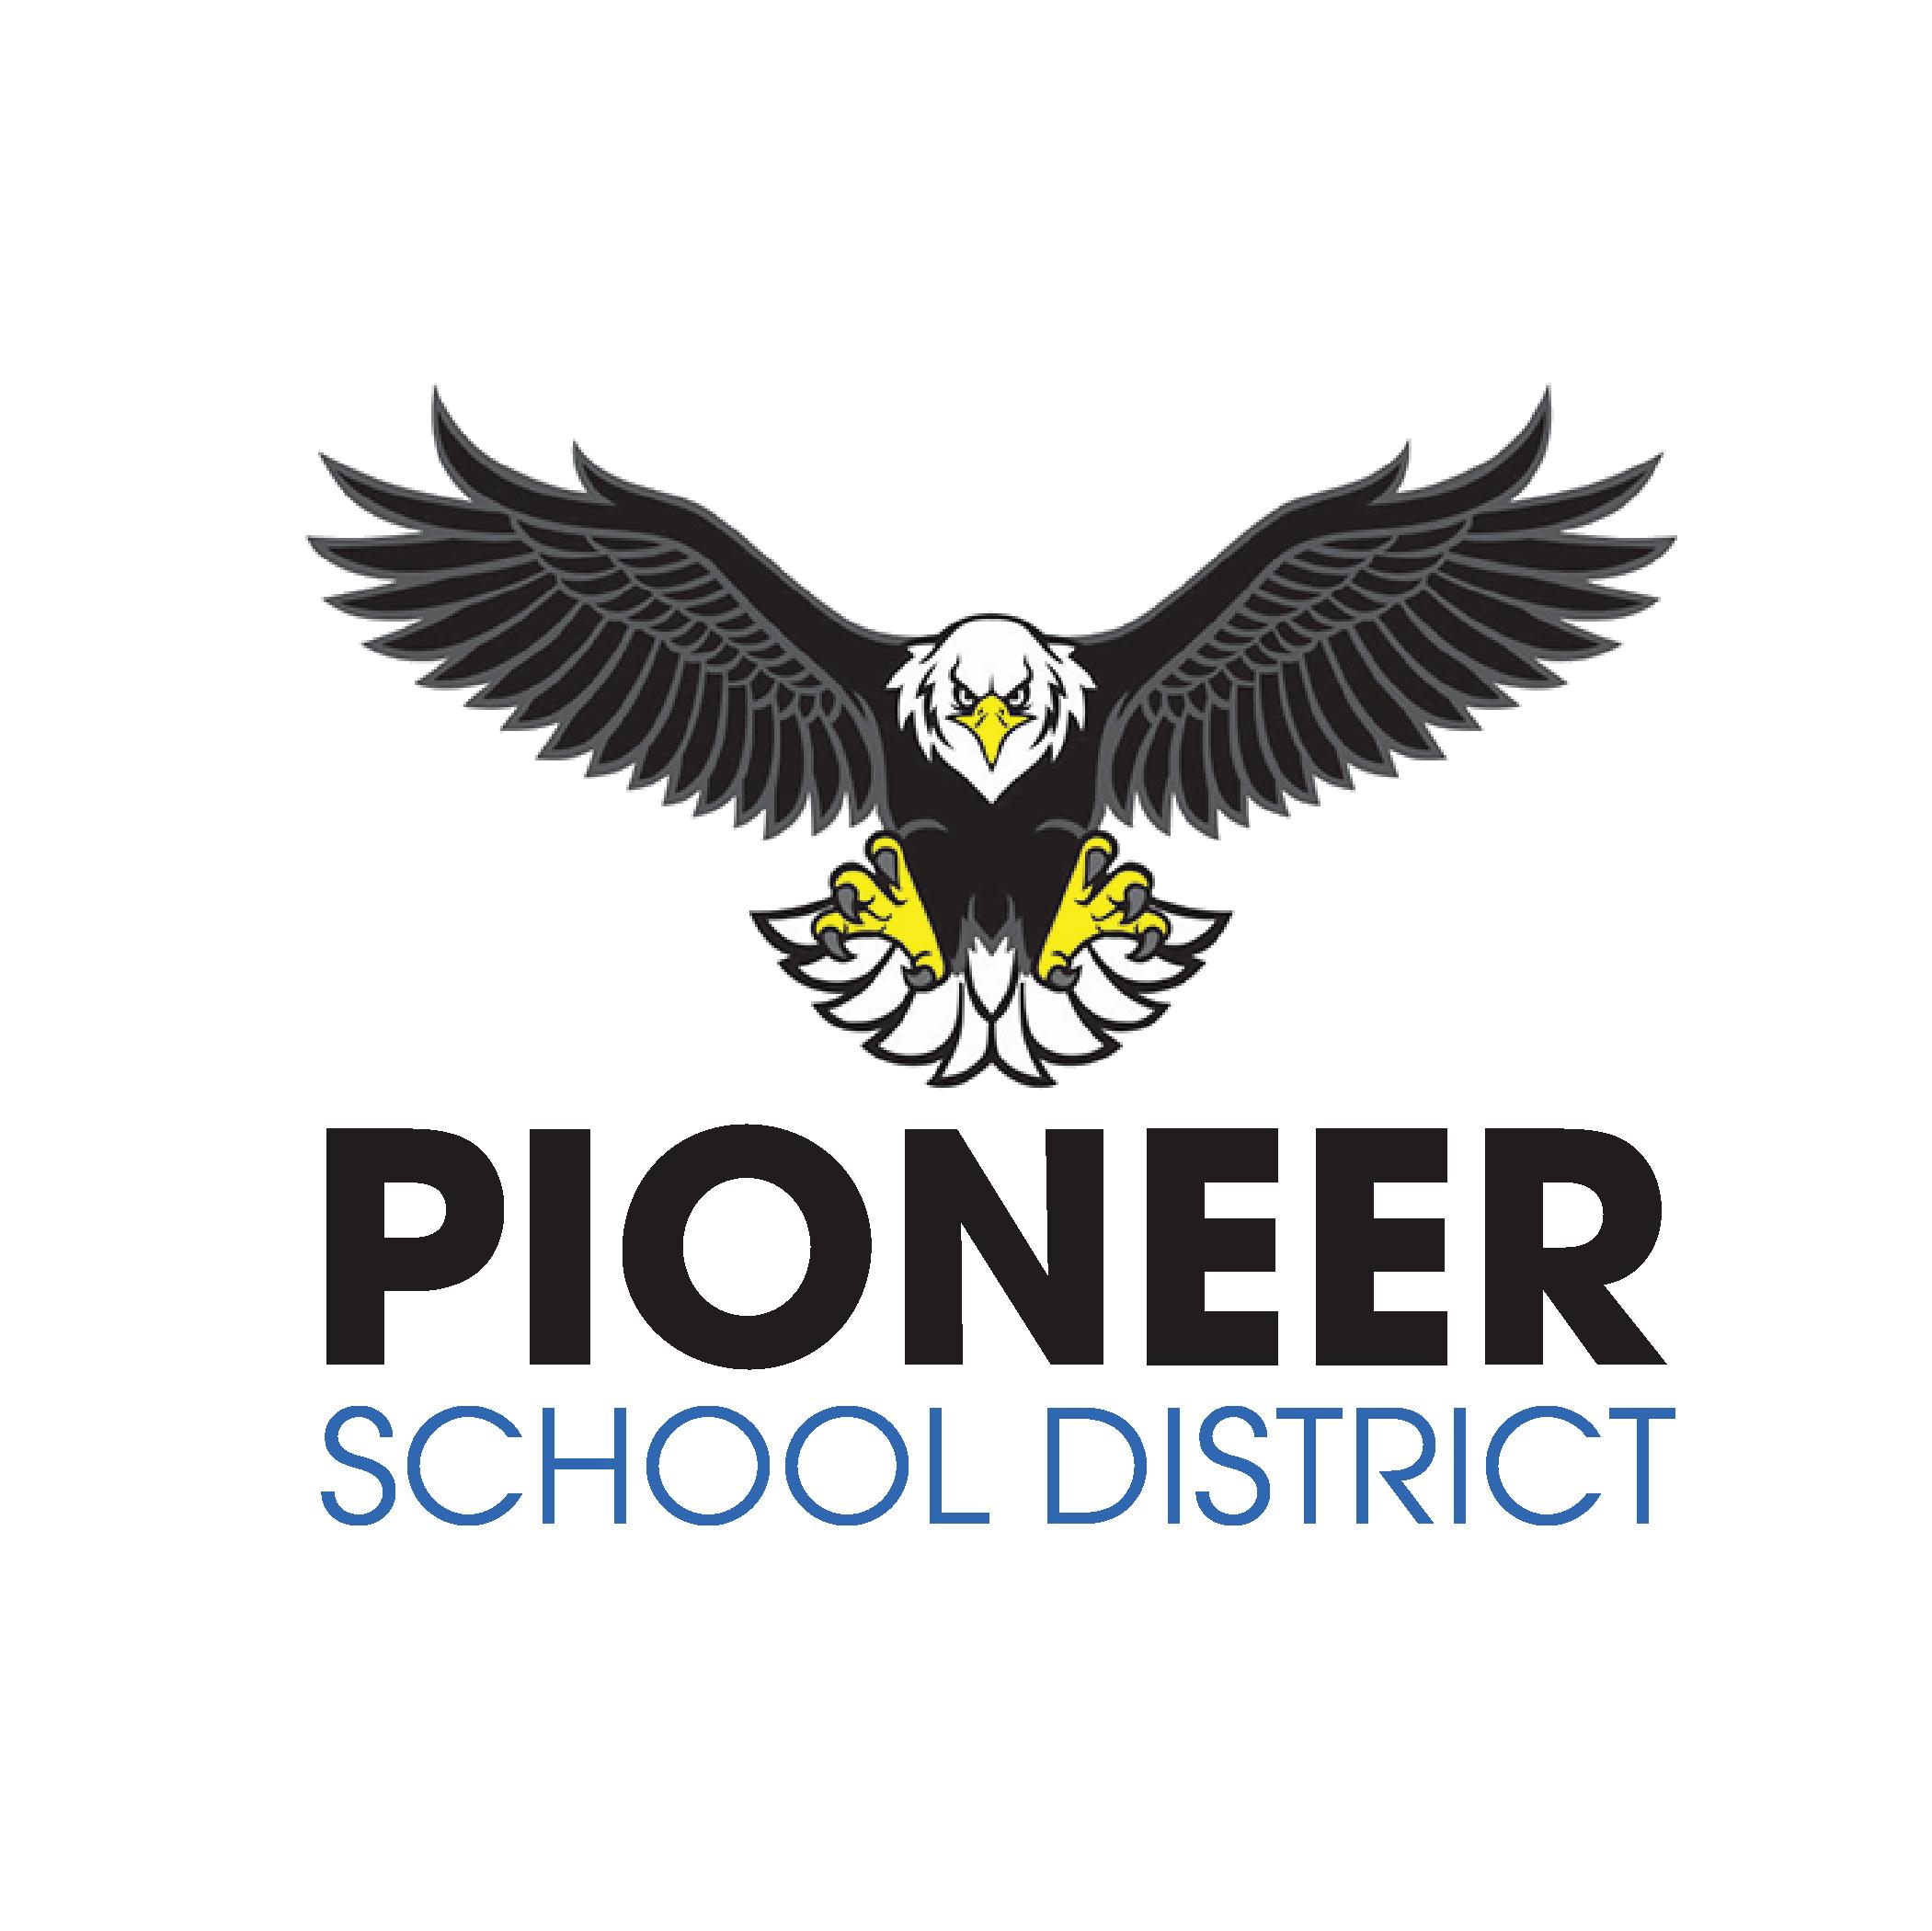 Pioneer School District